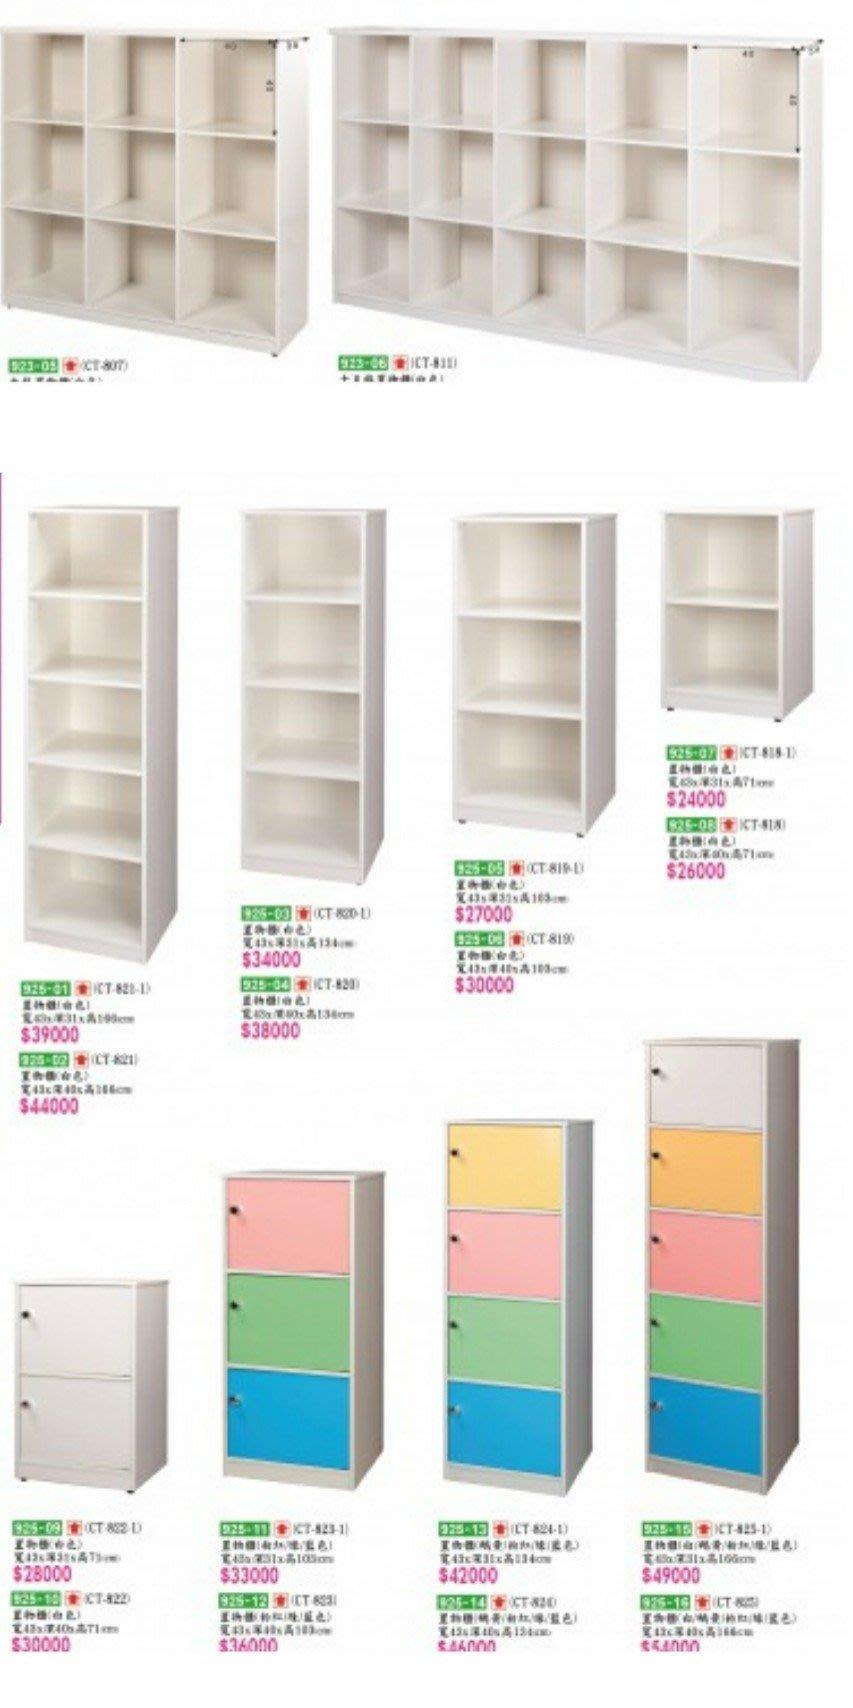 塑鋼置物櫃 綠色單元櫃 書櫃 塑鋼電器櫃 粉紅色  塑鋼碗盤櫃 塑鋼鞋櫃 塑鋼衣櫃 藍色 五斗櫃